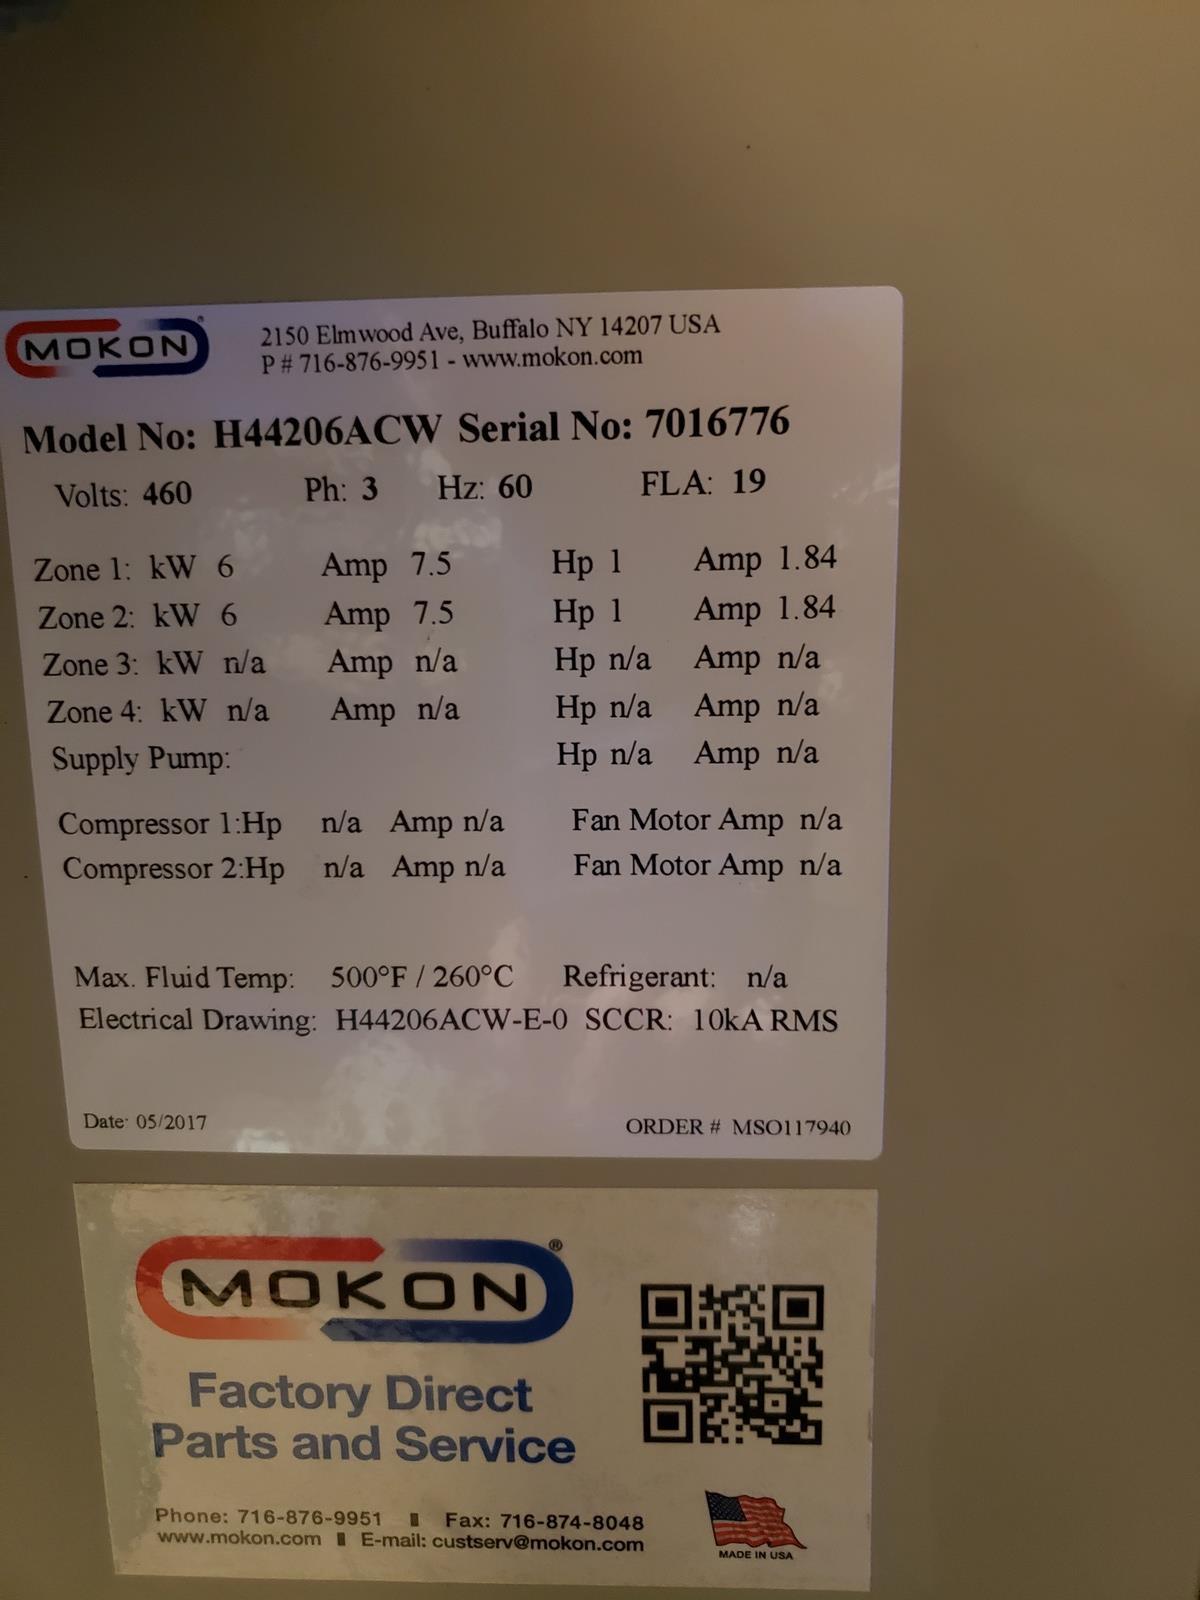 Mokon 4 Zone Chiller, M# H44206ACW, S/N 7016776 - Image 2 of 2